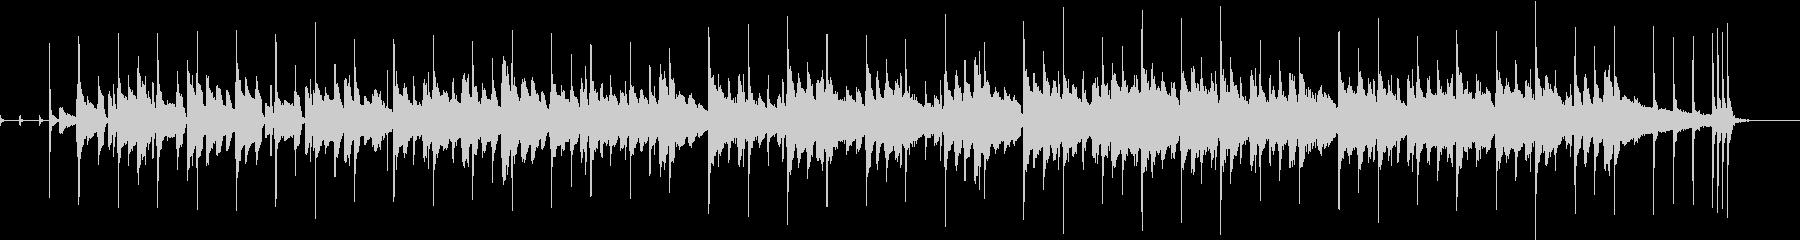 ピアノメインのほのぼのあつ森感ポップスの未再生の波形